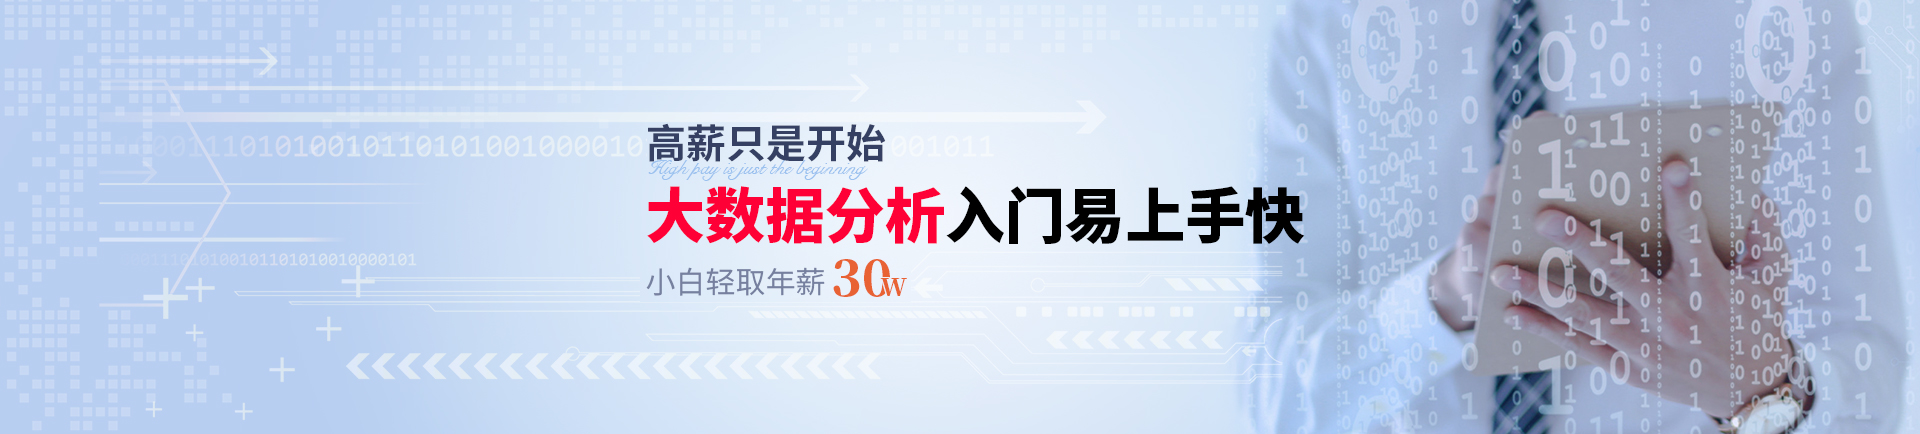 大数�分�入门易上手快 �白轻�年薪30W-guangzhou